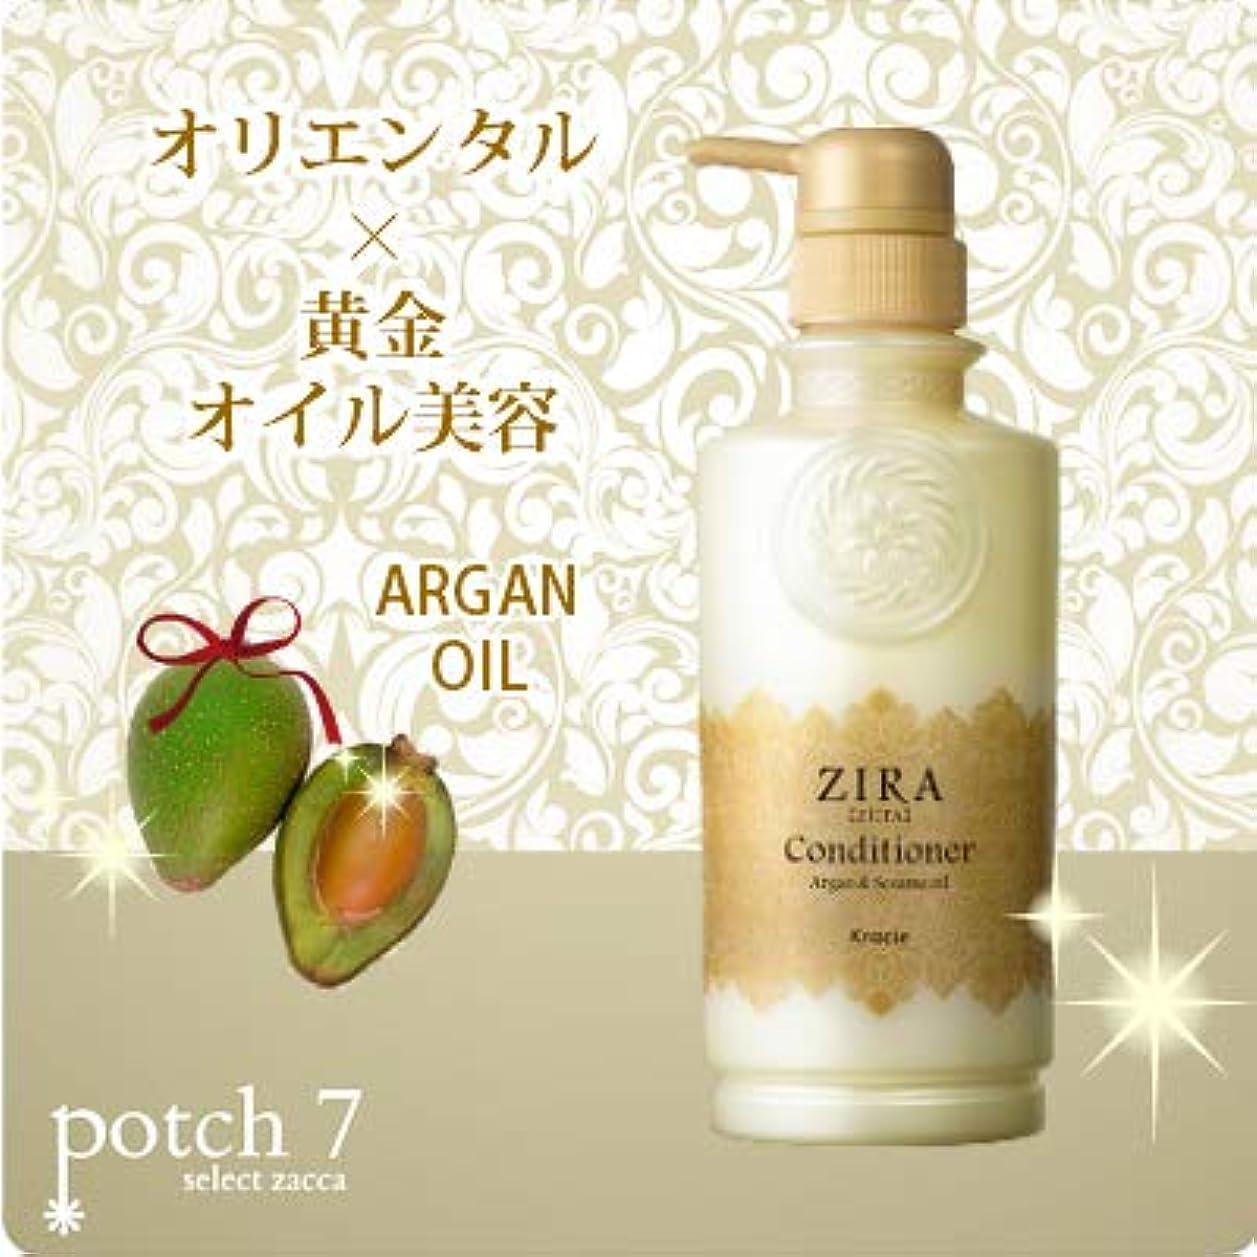 合併登録法律によりKracie クラシエ ZIRA ジーラ コンディショナー 420ml オリエンタル美容